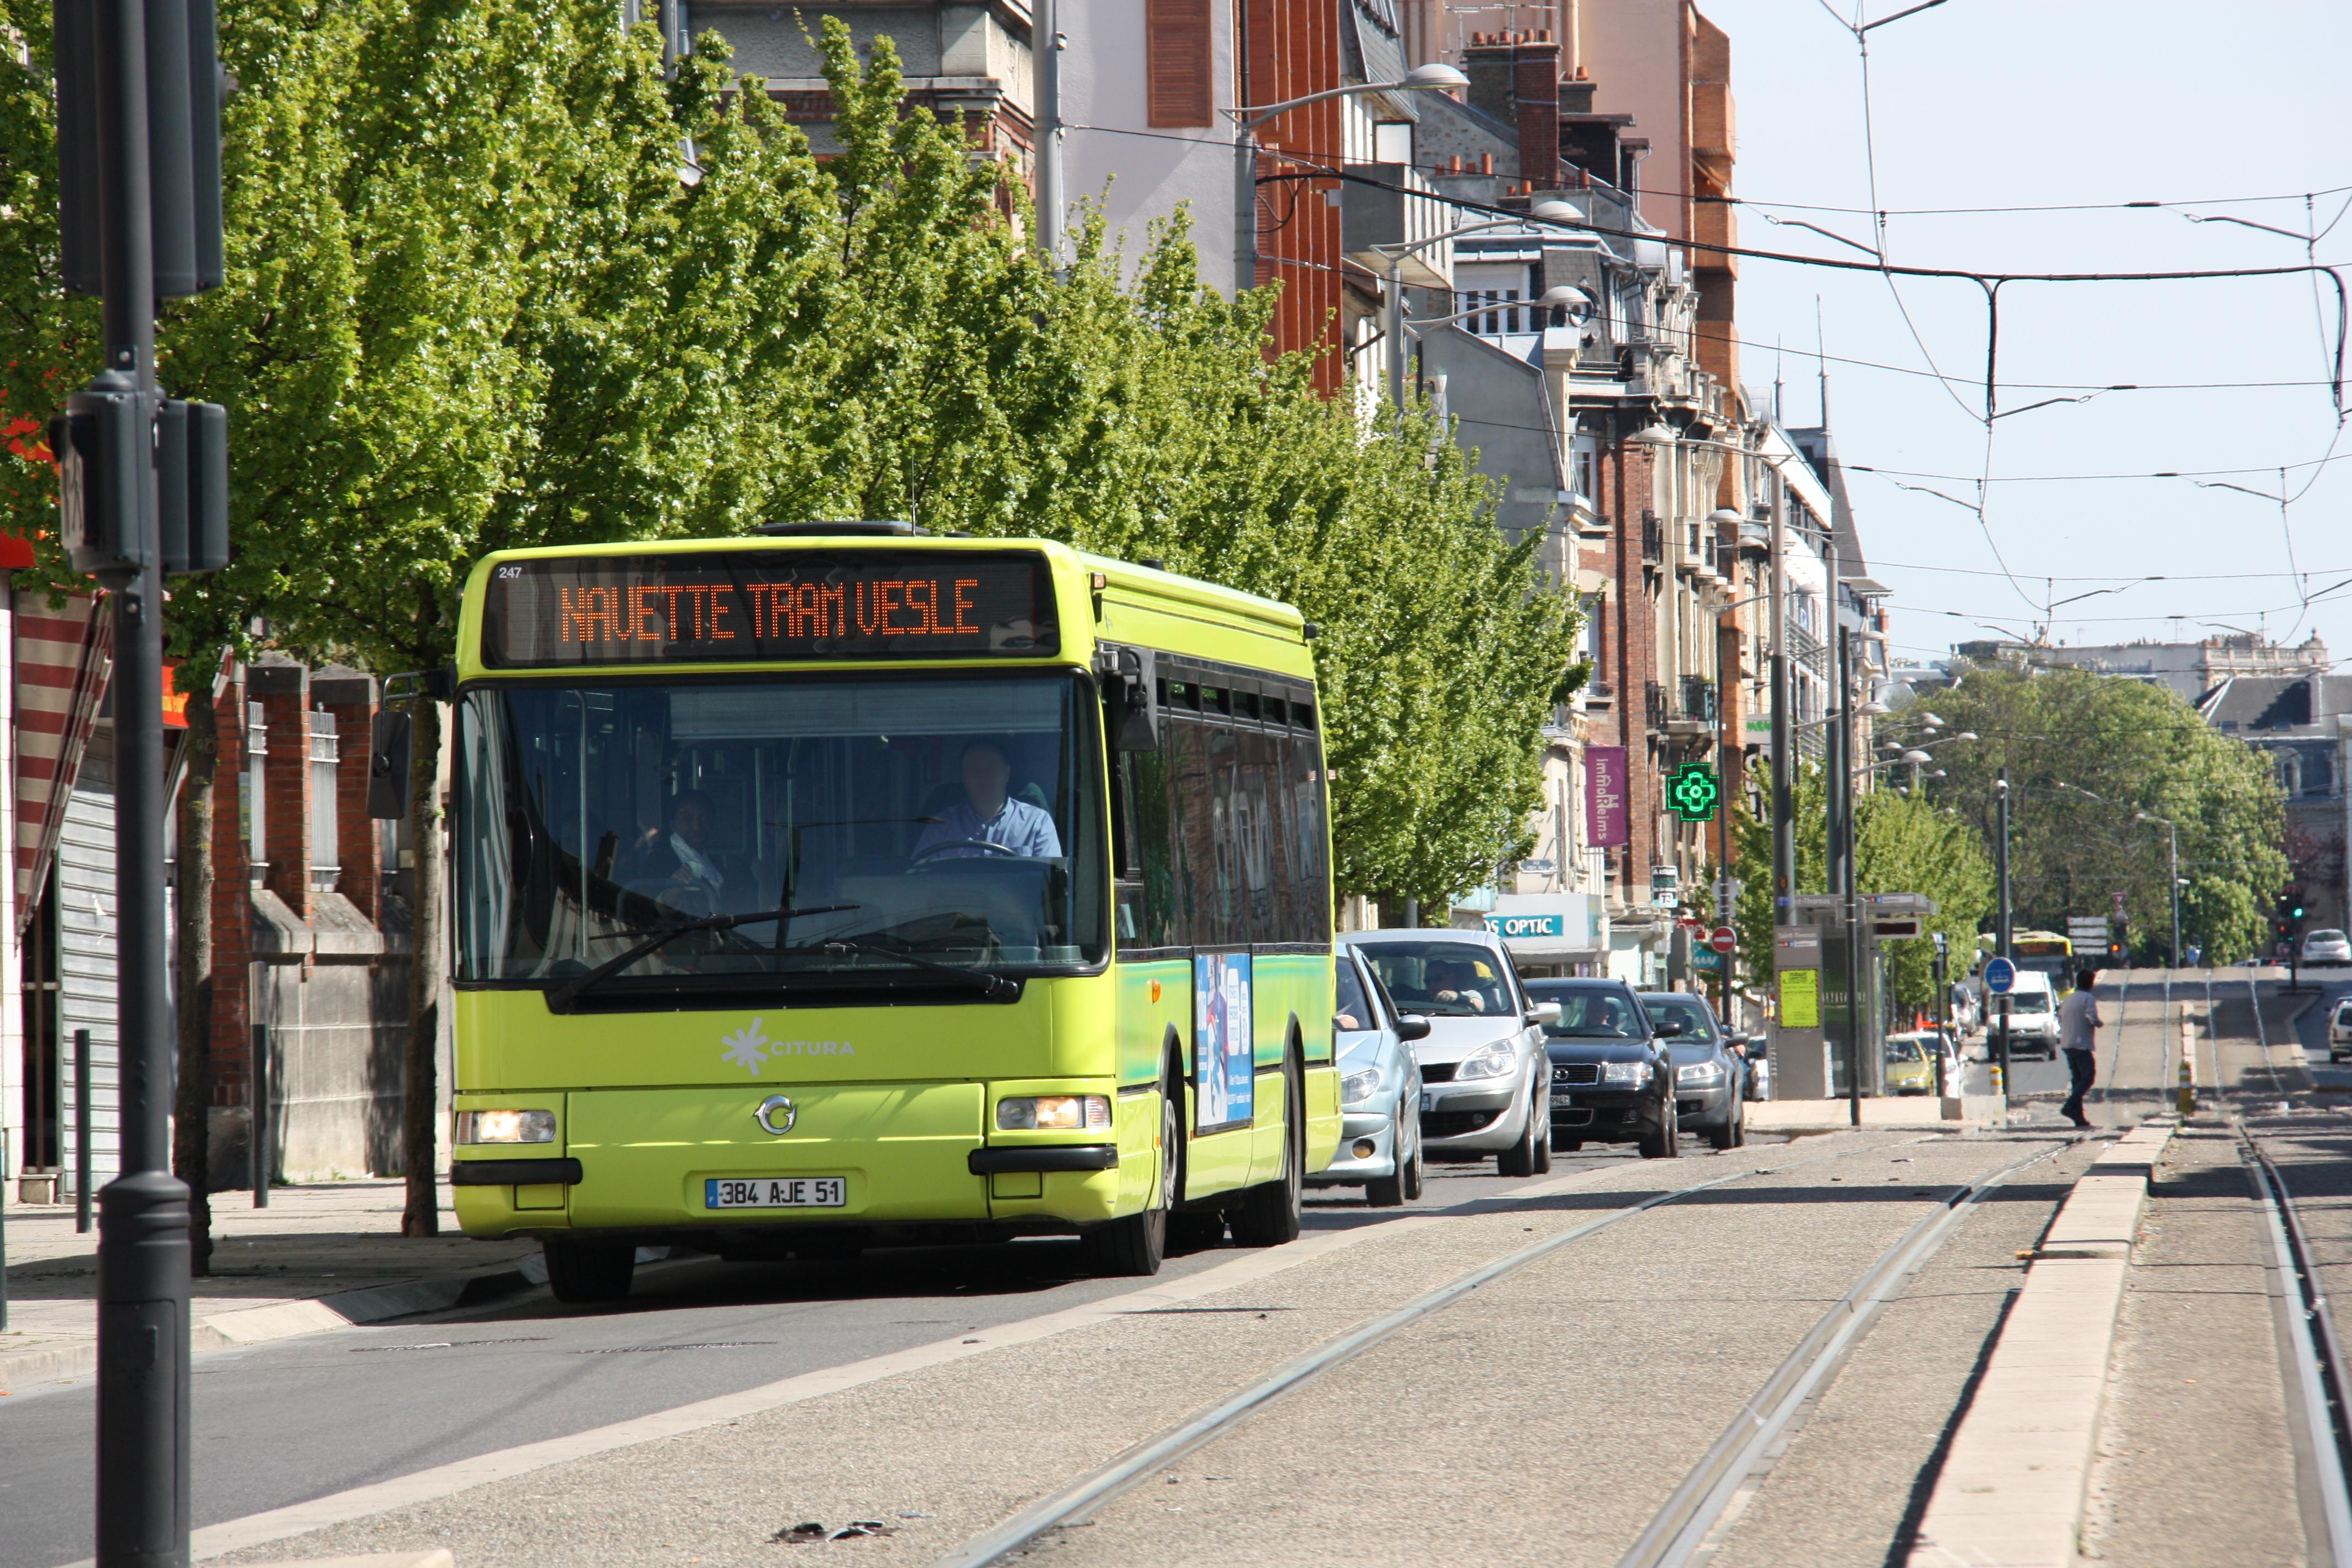 Citura - irisbus agora s n°247 - ligne tram photo